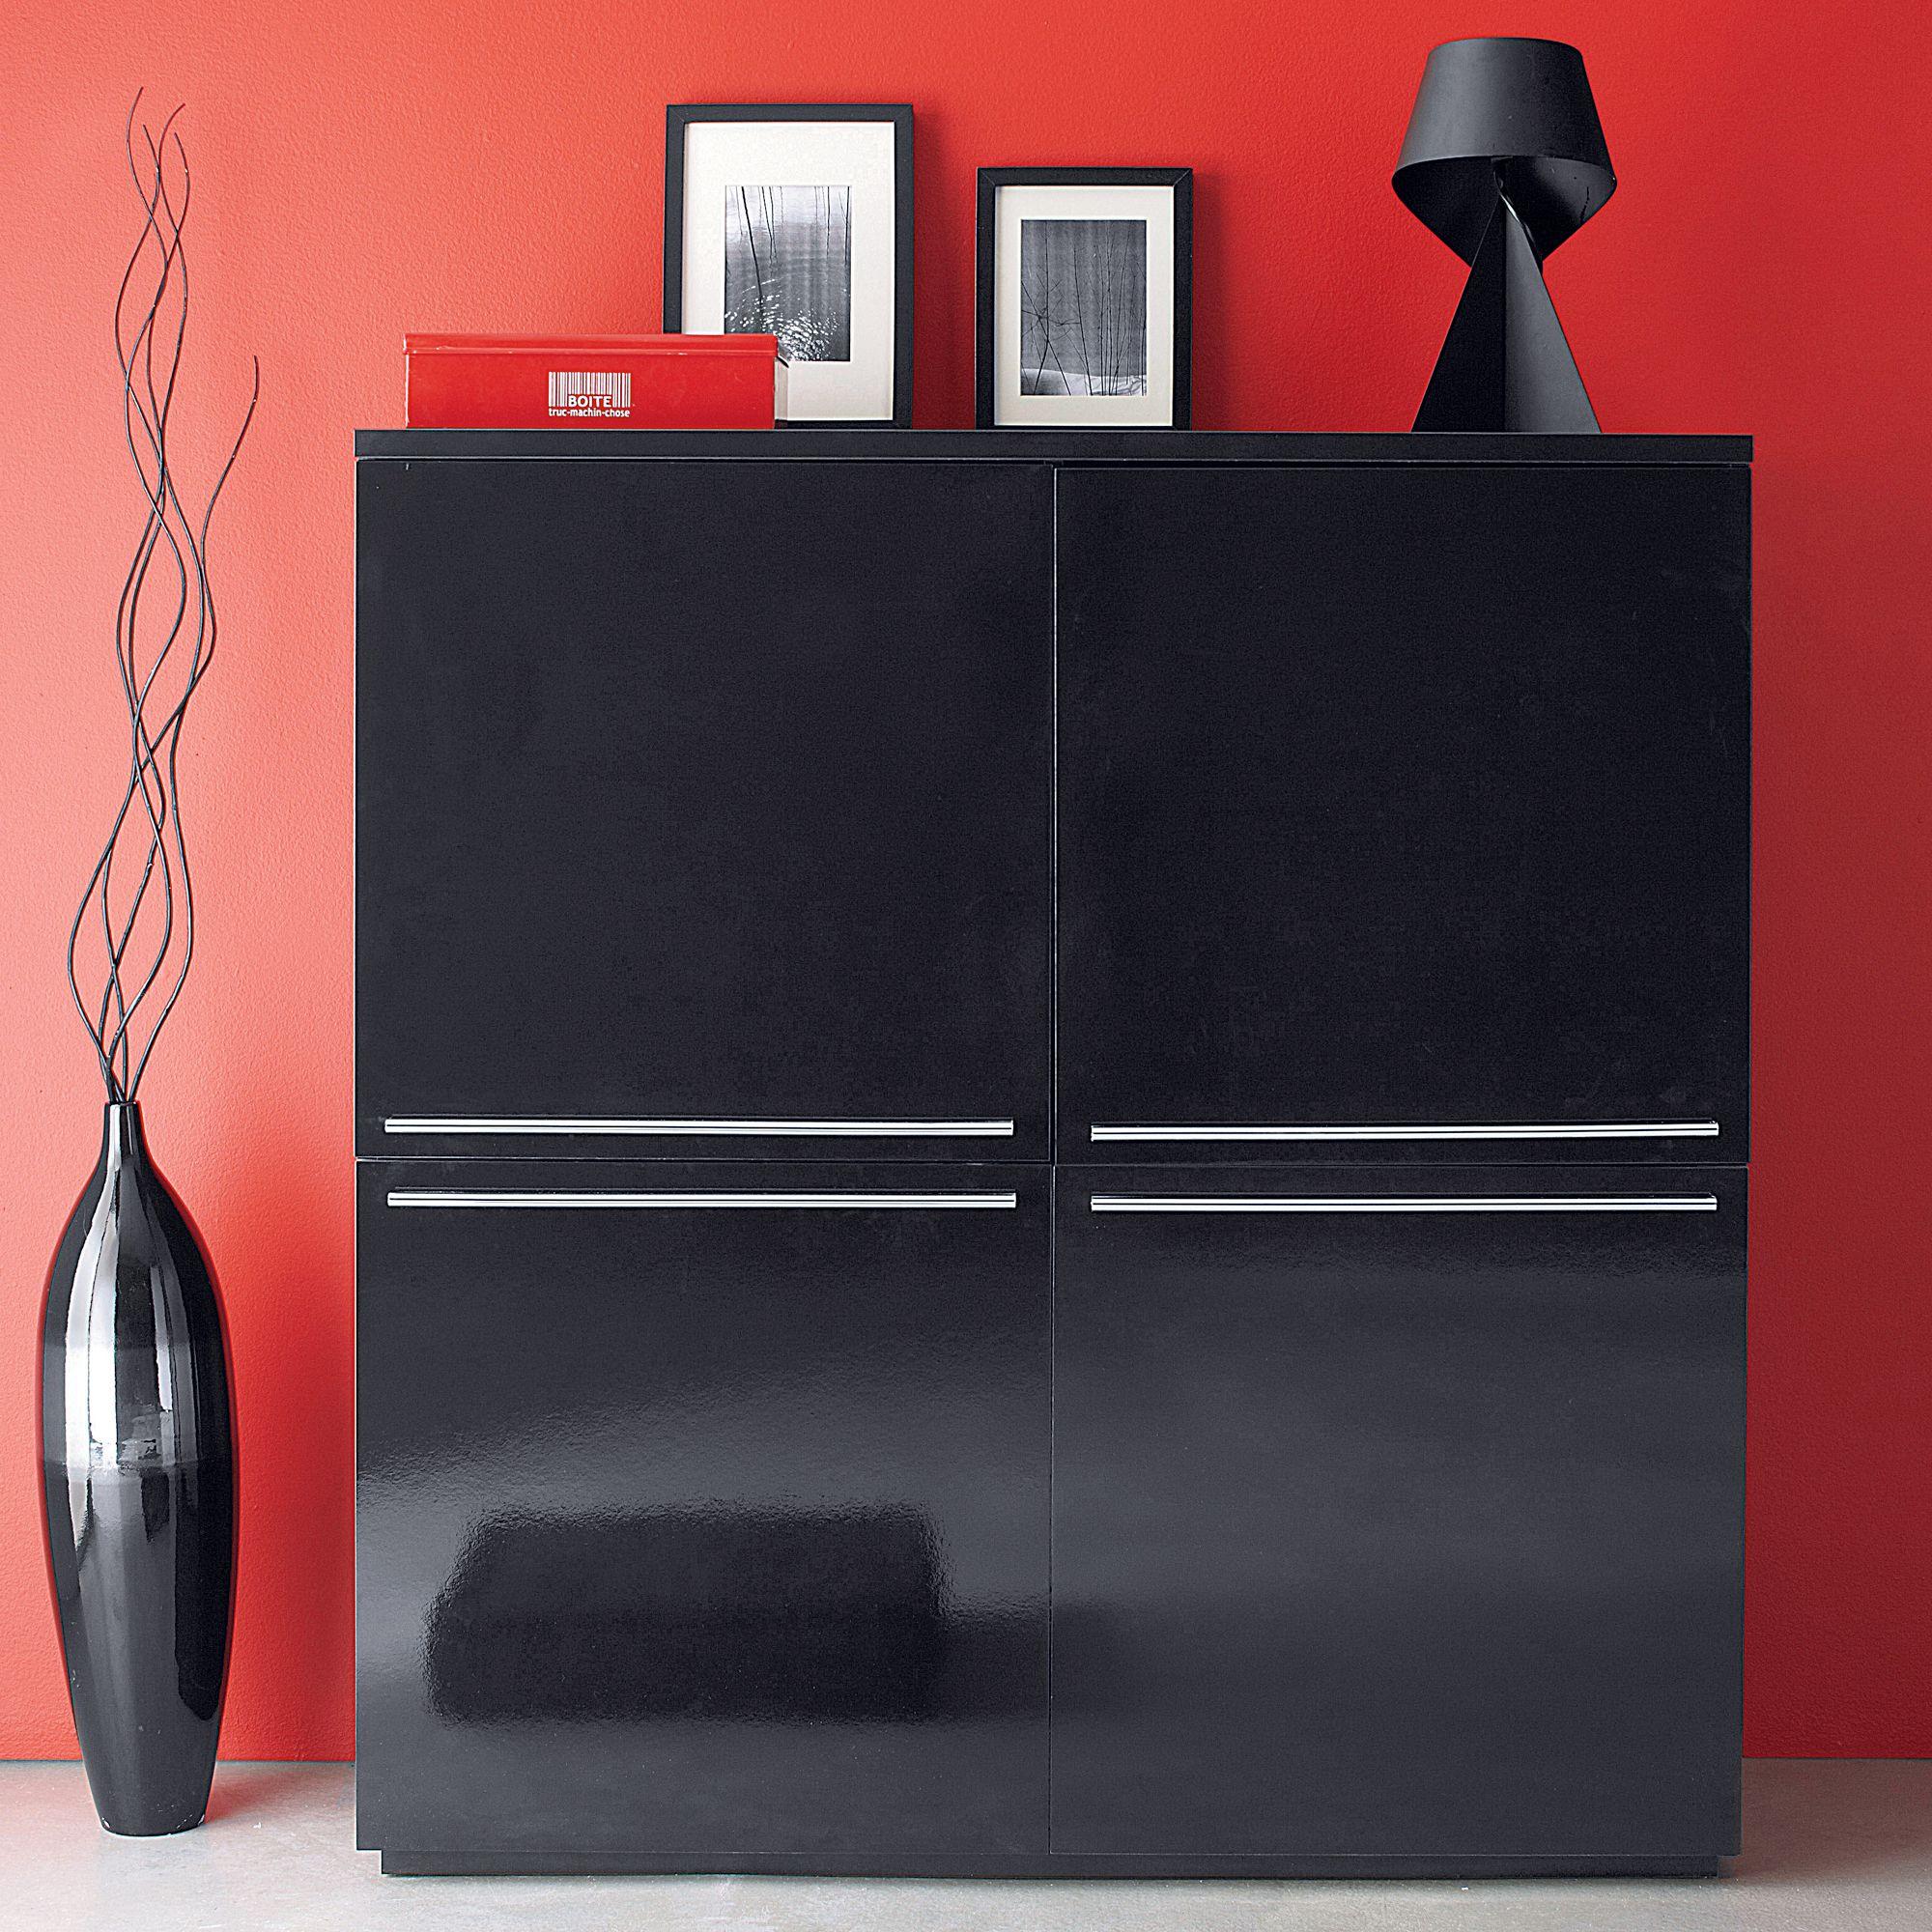 Meubles La Maison De Valerie Element De Rangement 4 Portes Modul Mobilier De Salon Rangement Et Maison